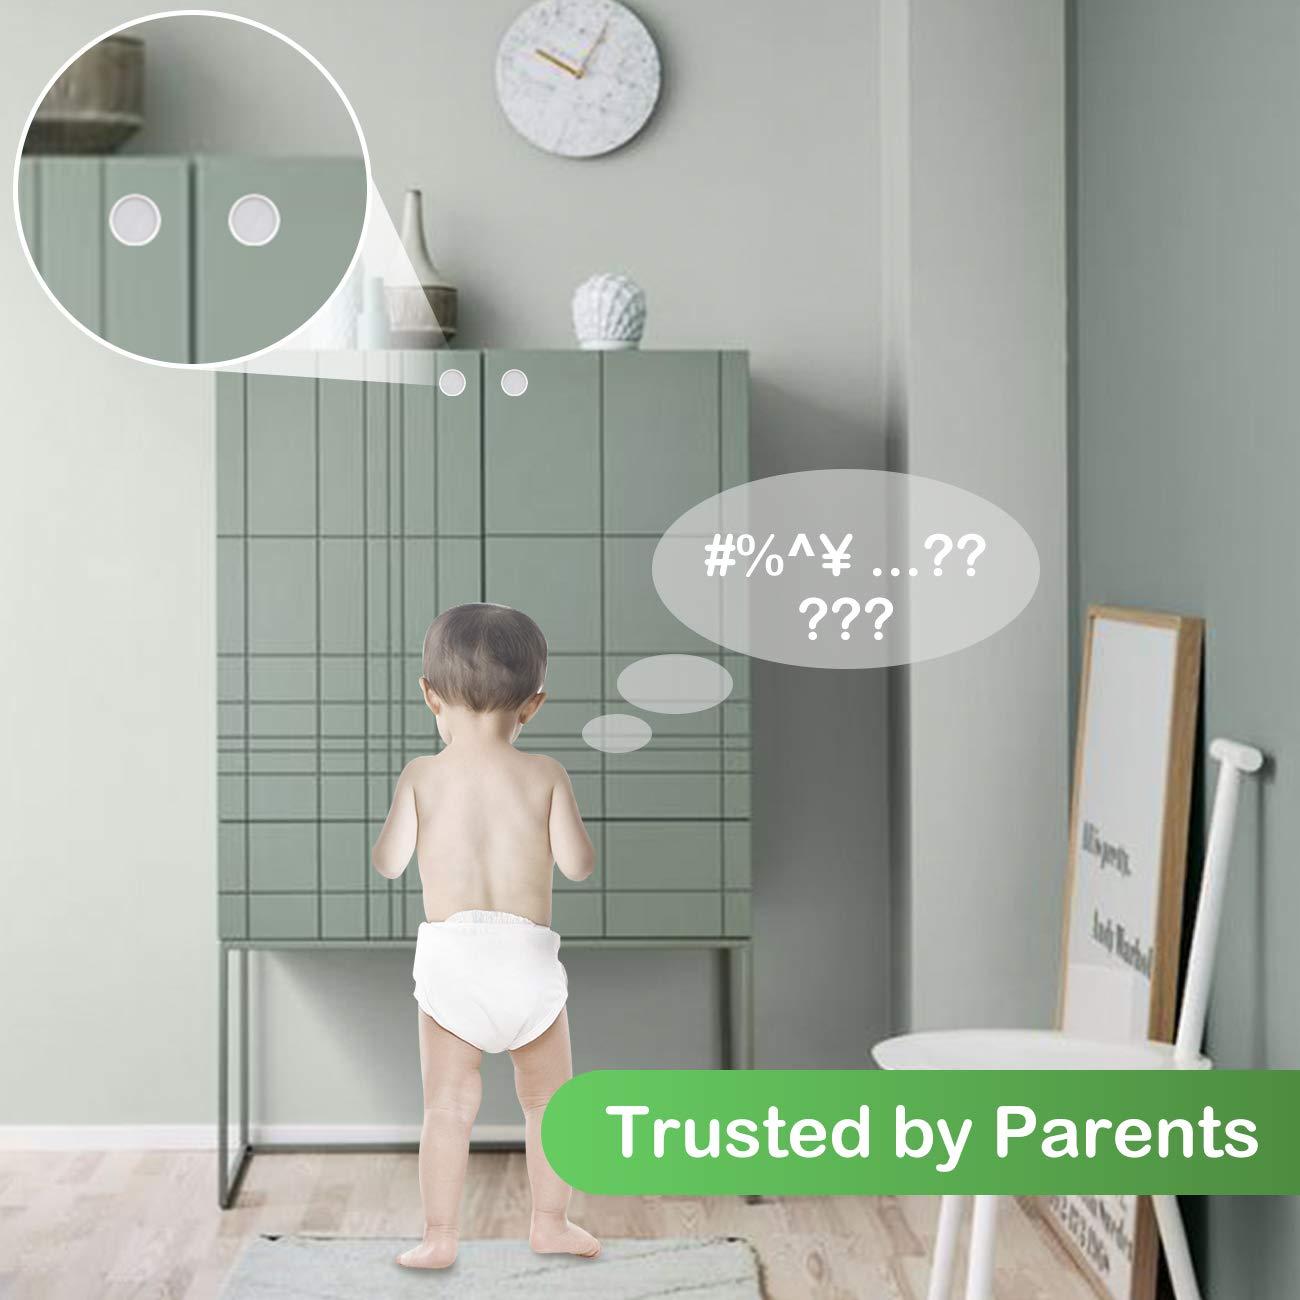 22 Schl/össer+3 Schl/üssel+2 T/ürsicherung COSYLAND Baby Sicherheit Magnetisches Schrankschloss unsichtbare Kindersicherung f/ür Schrank und Schubladen ohne Bohren und Schrauben